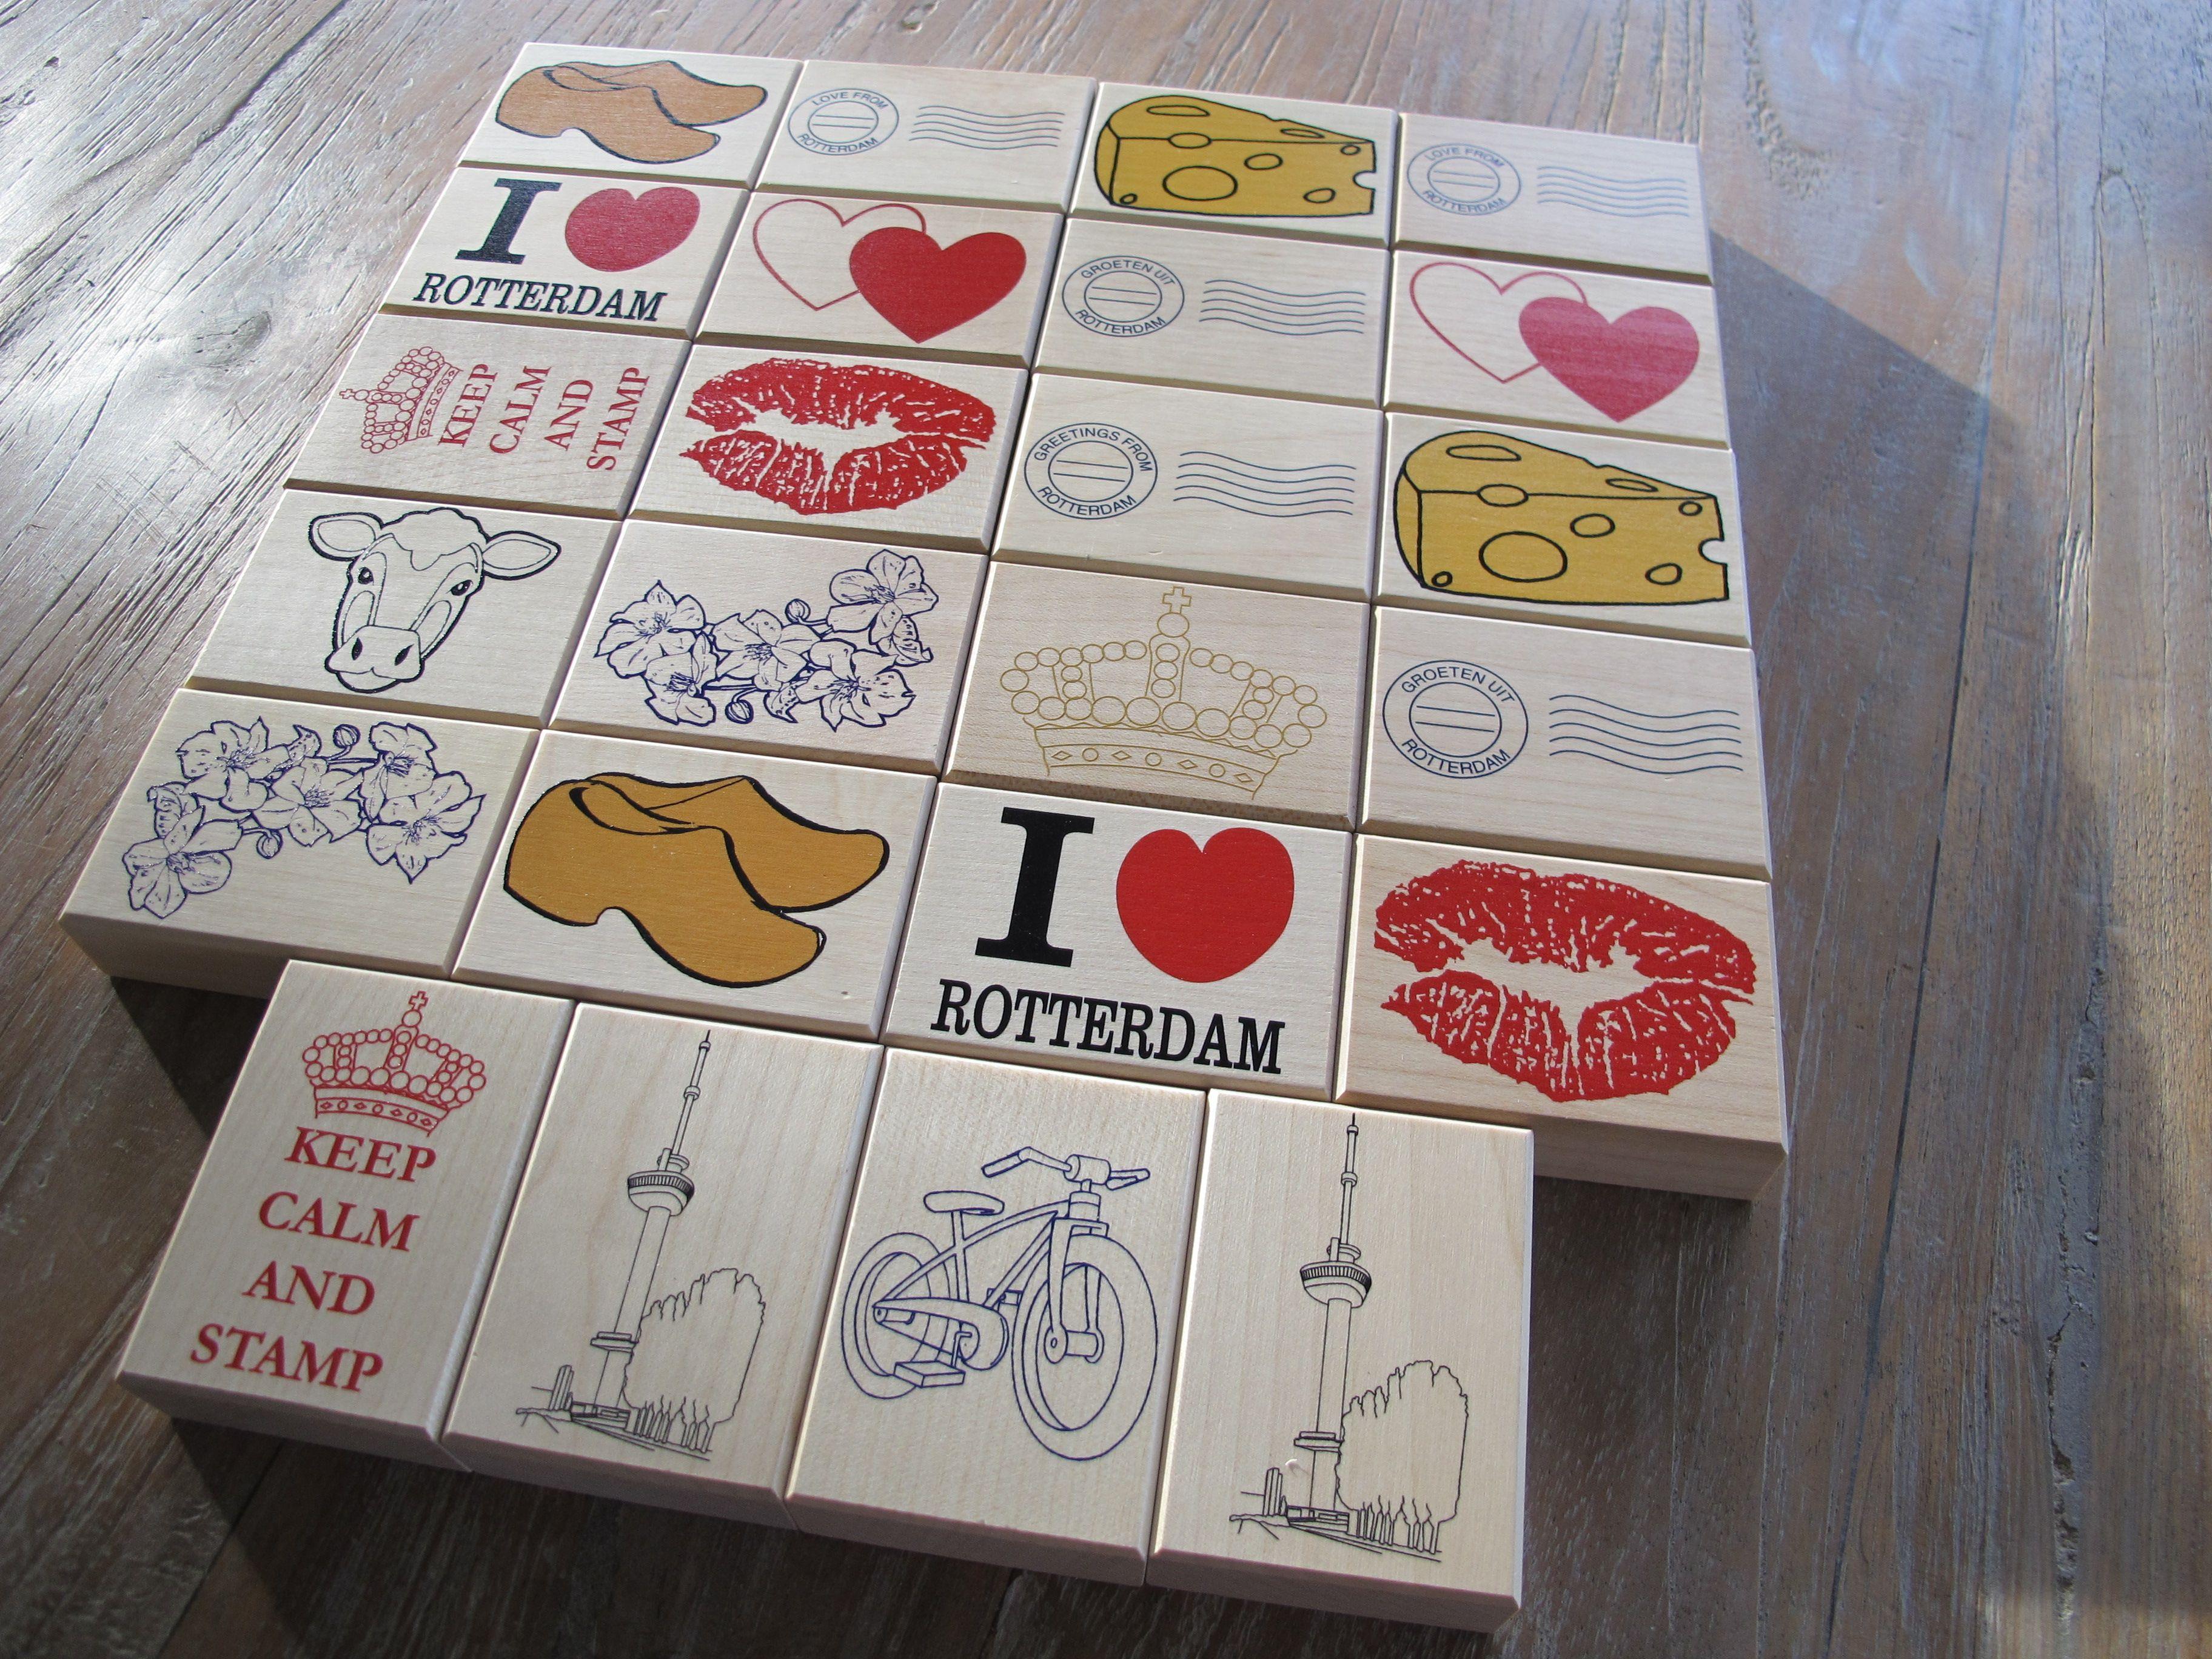 Gepersonaliseerde houten stempels voorzien van een full colour afbeelding